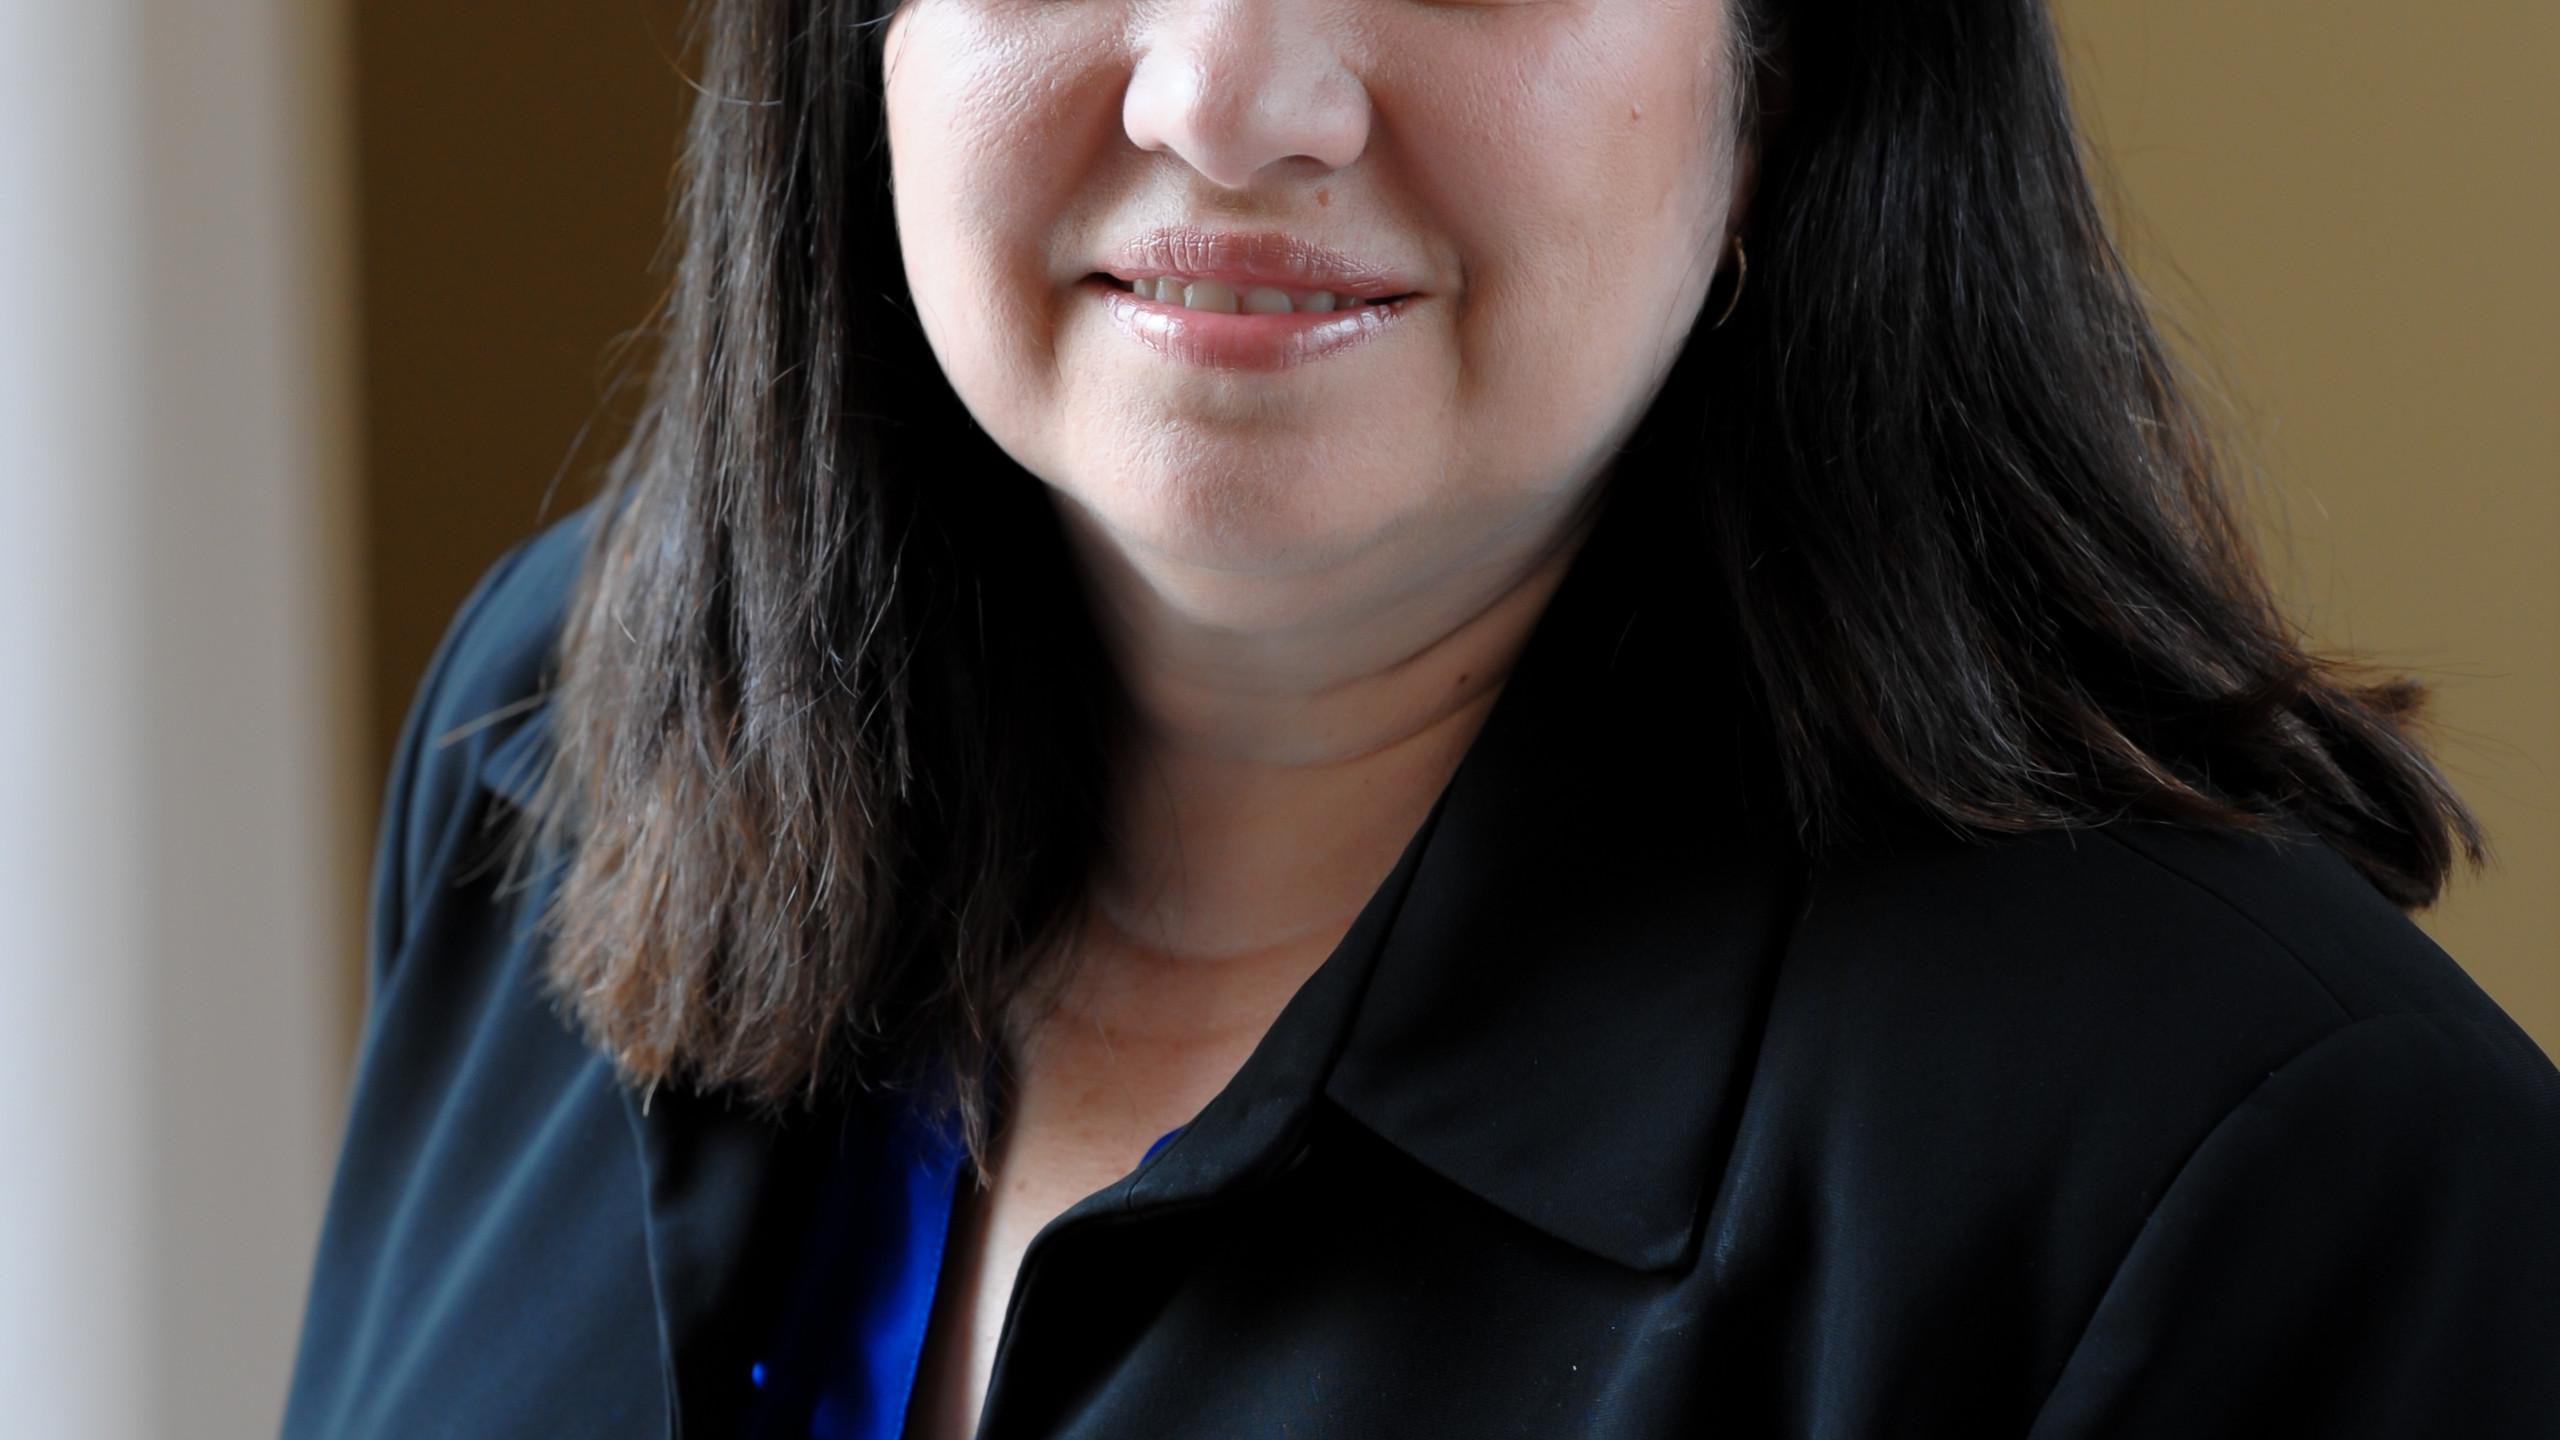 Angie Santos